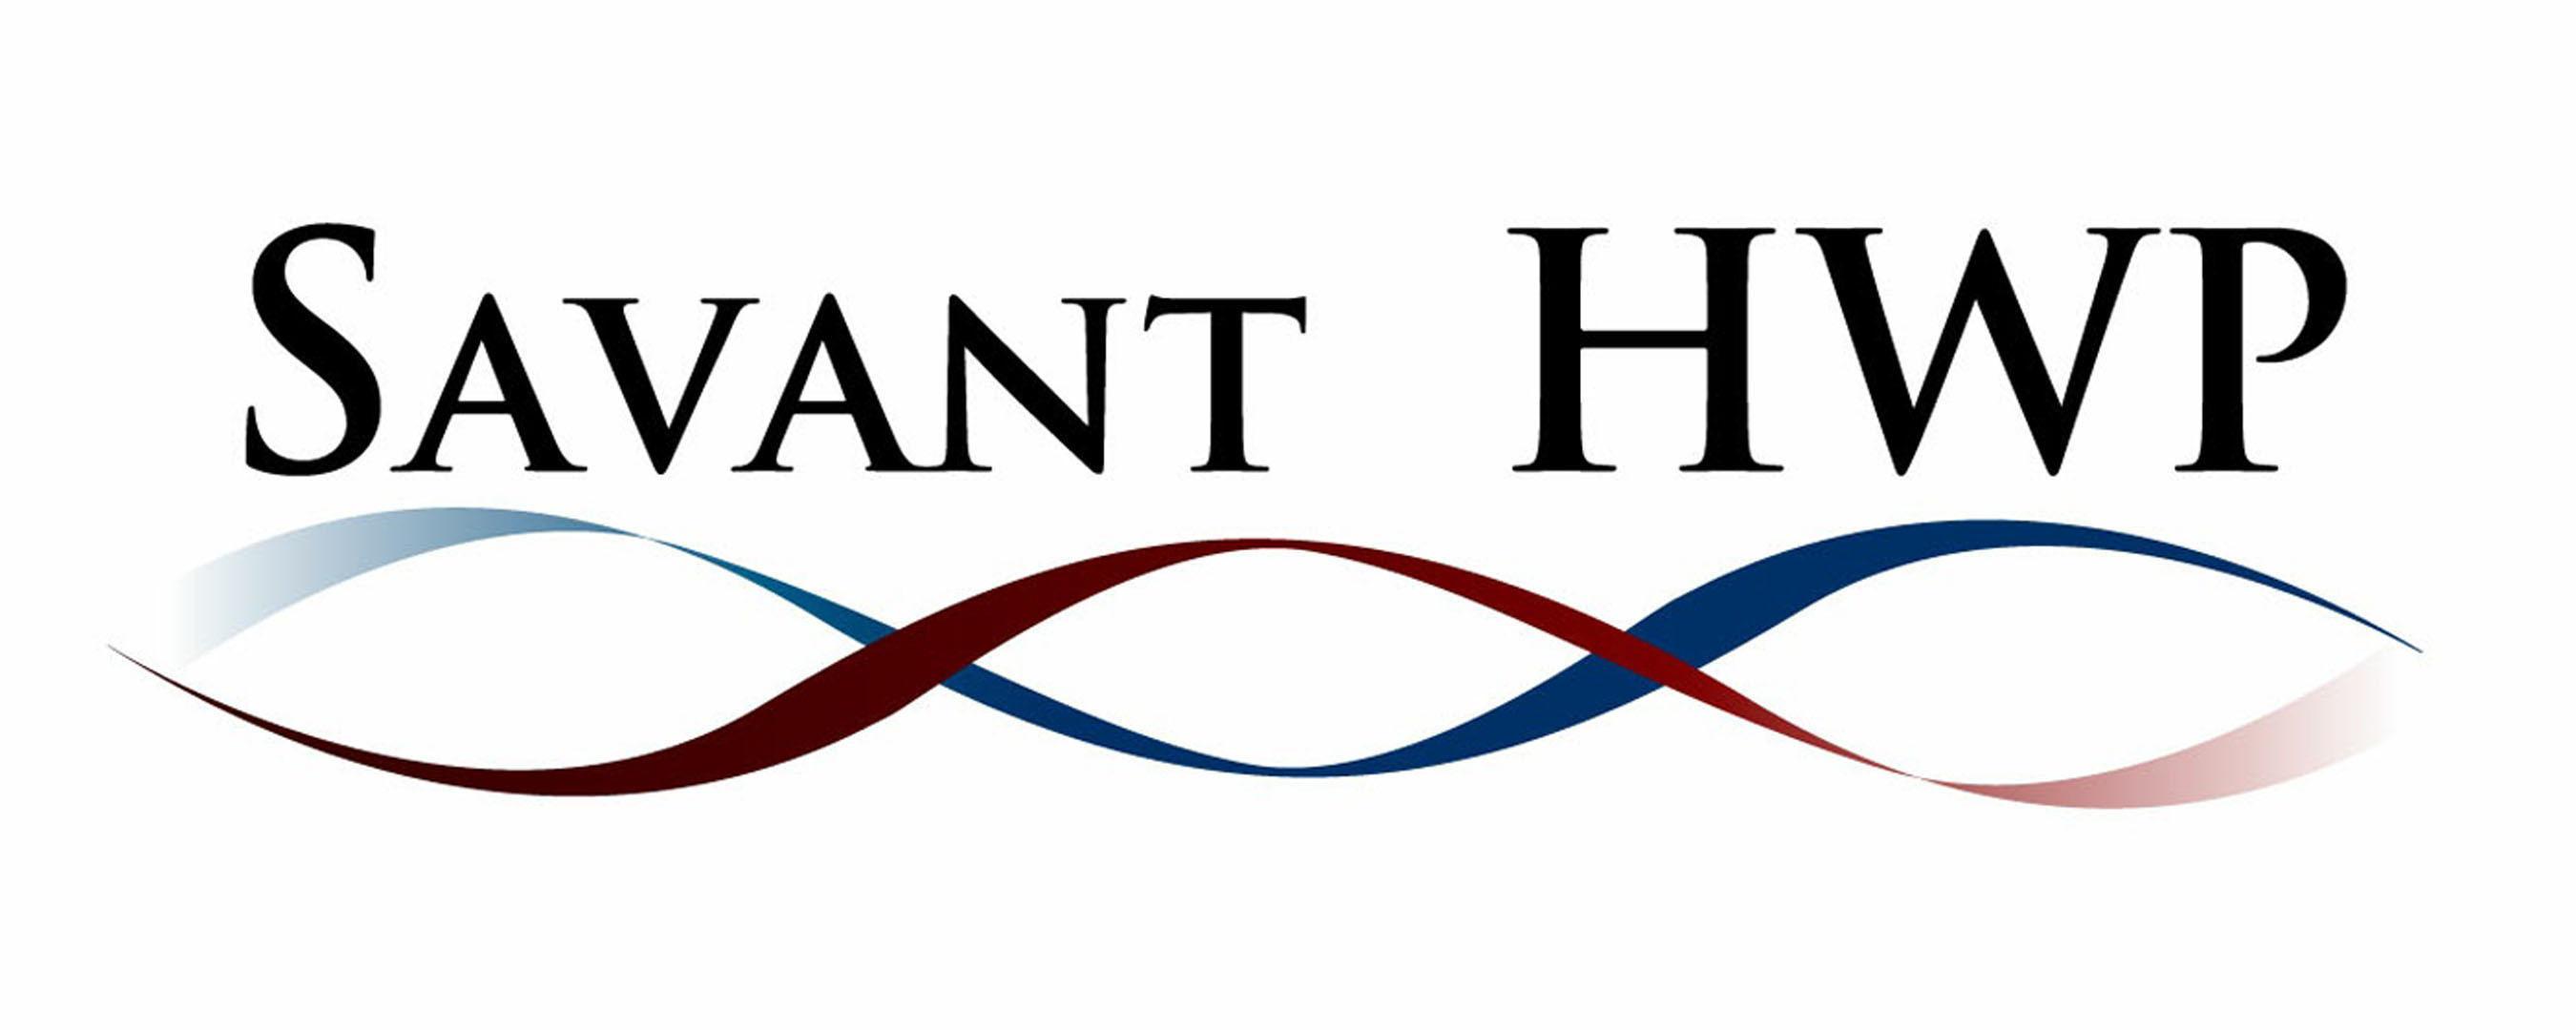 Savant HWP.